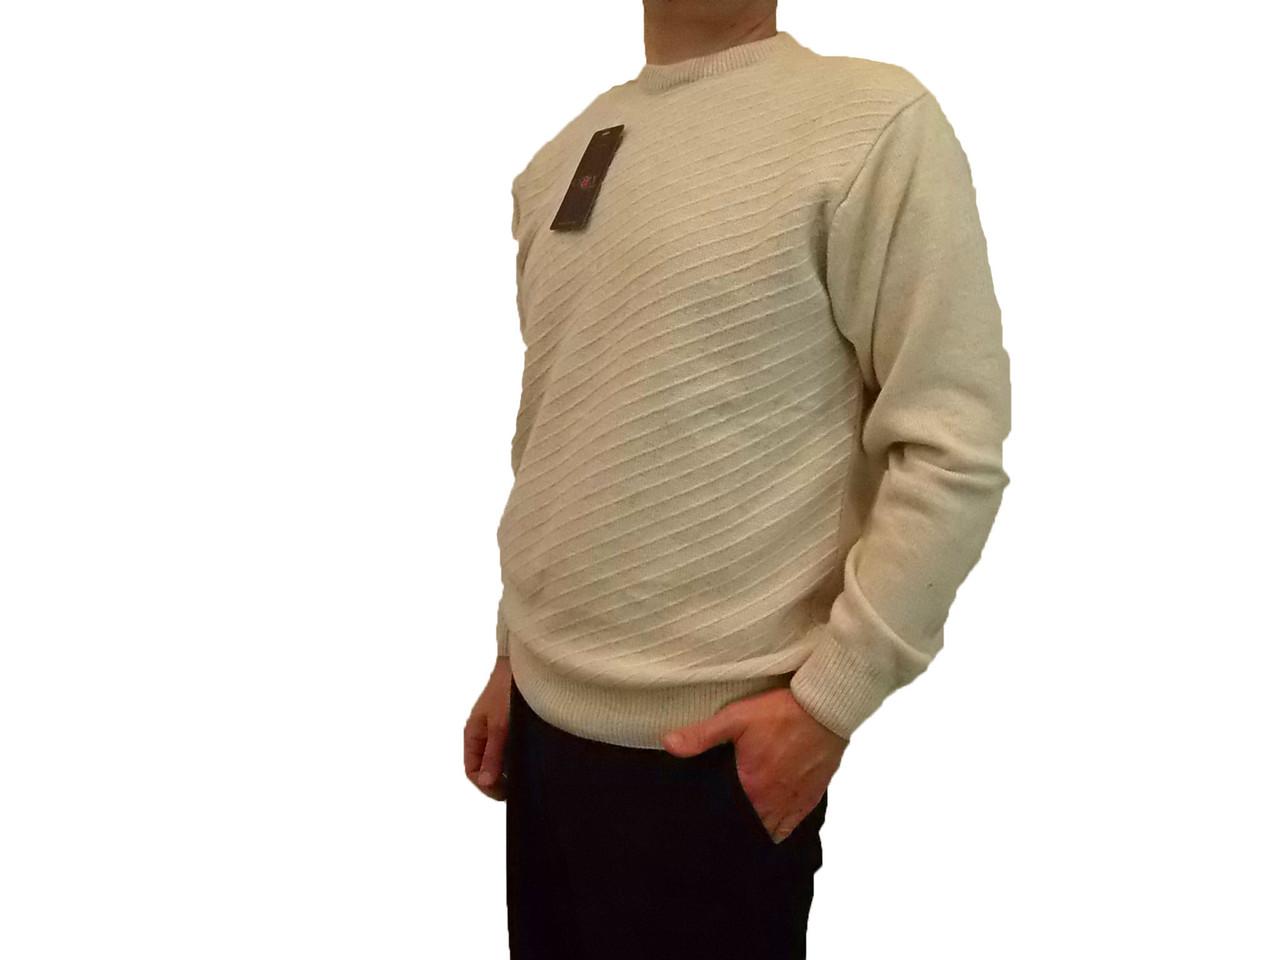 Мужской теплый свитер № 1665 бежевый ромбики